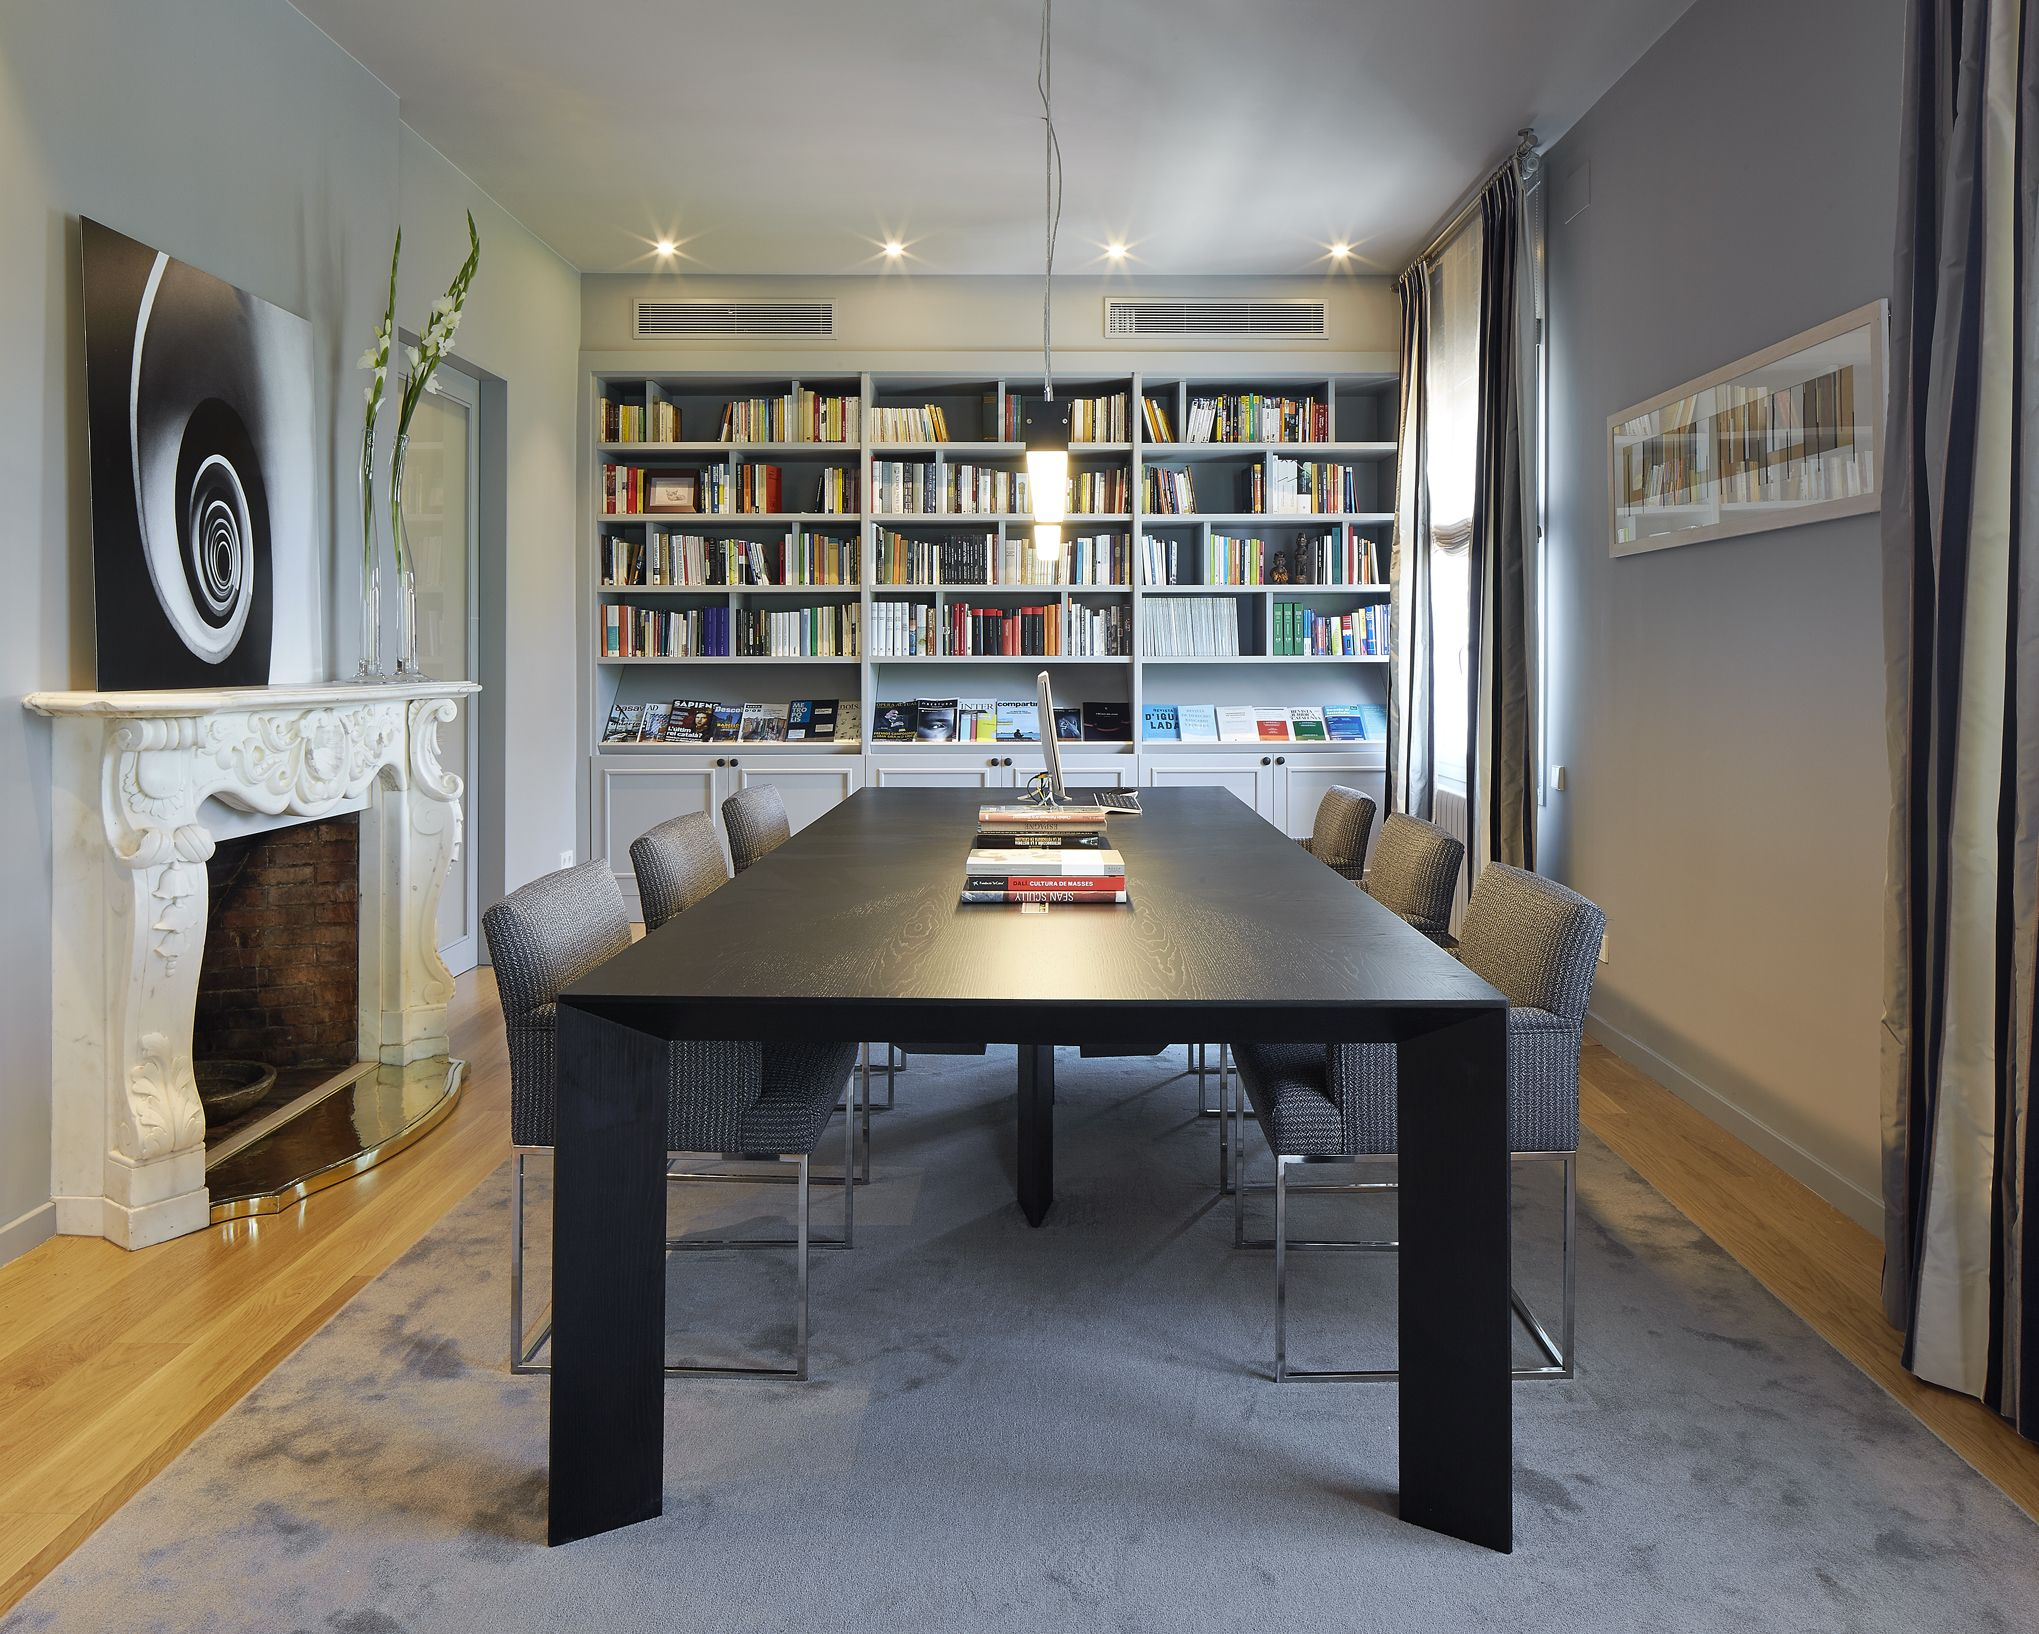 Molins interiors arquitectura interior interiorismo for Mesa biblioteca